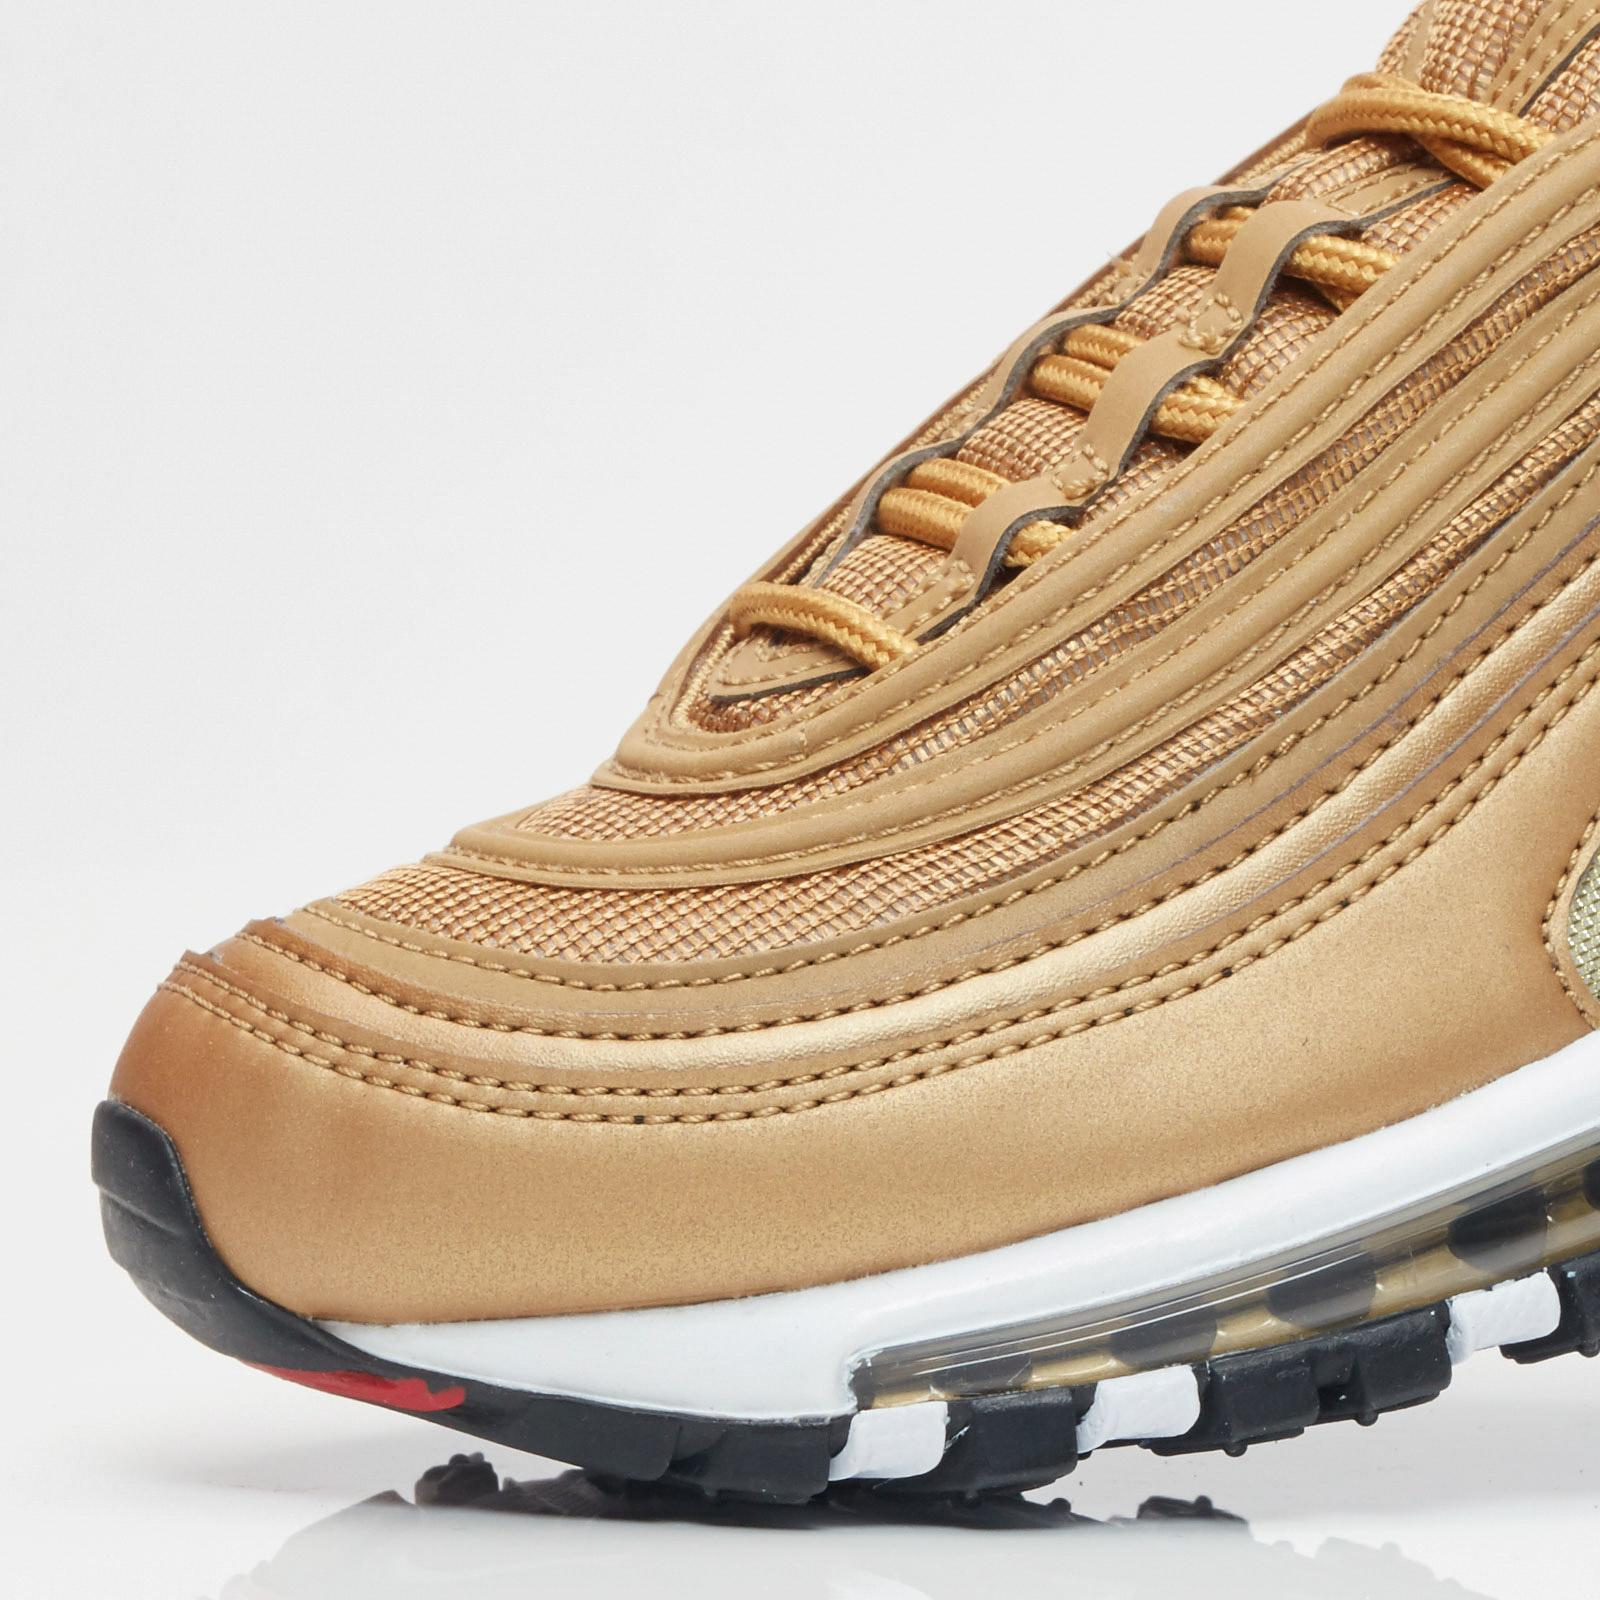 size 40 3cc15 862f6 Nike Sportswear Air Max 97 OG QS - 6. Close